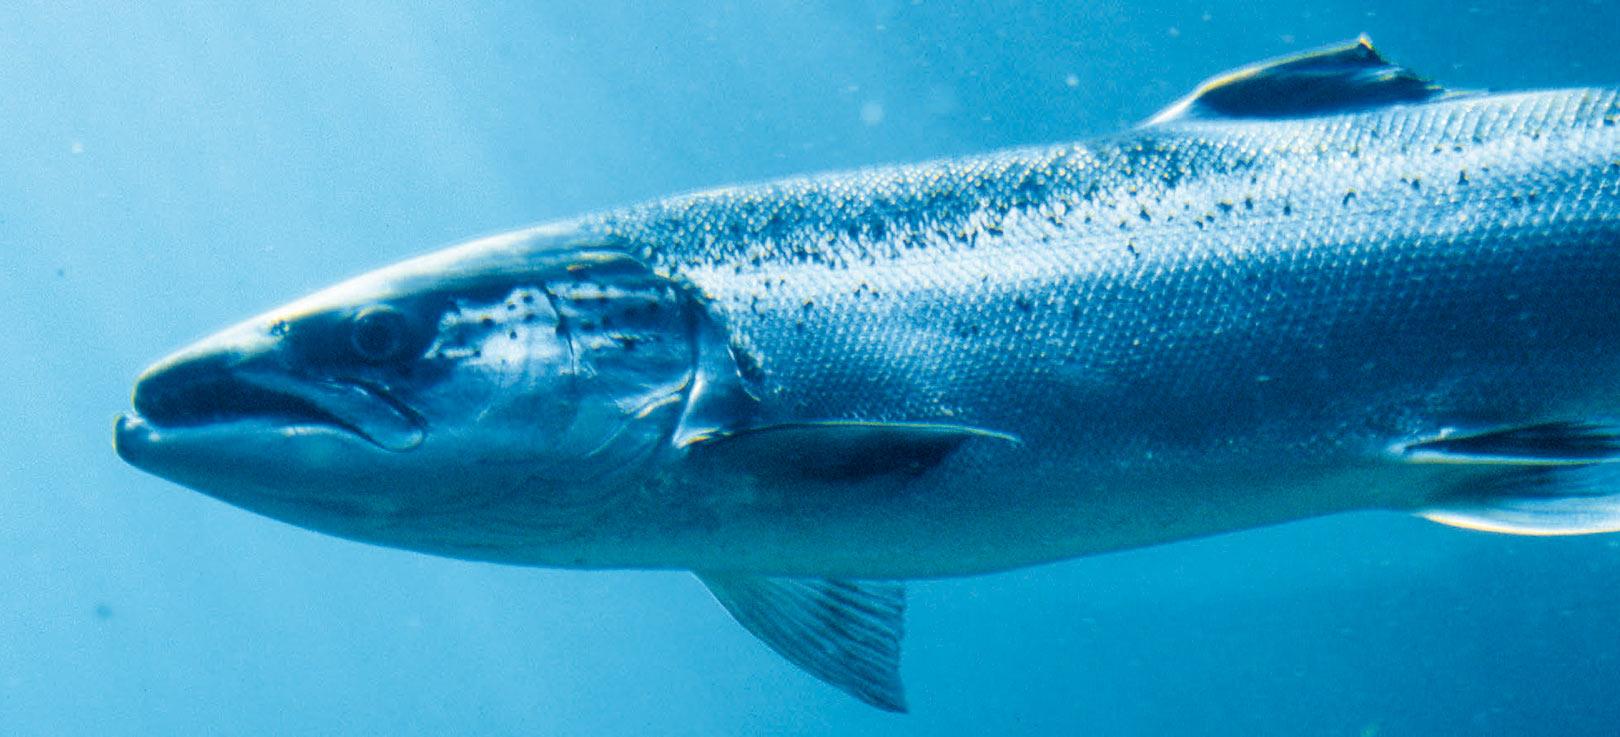 Laks på vandring i havet. Her alene, men de svømmer oftest i stimer for at spare energi på den lange rejse mellem elve og opvækstområderne i Nordatlanten.